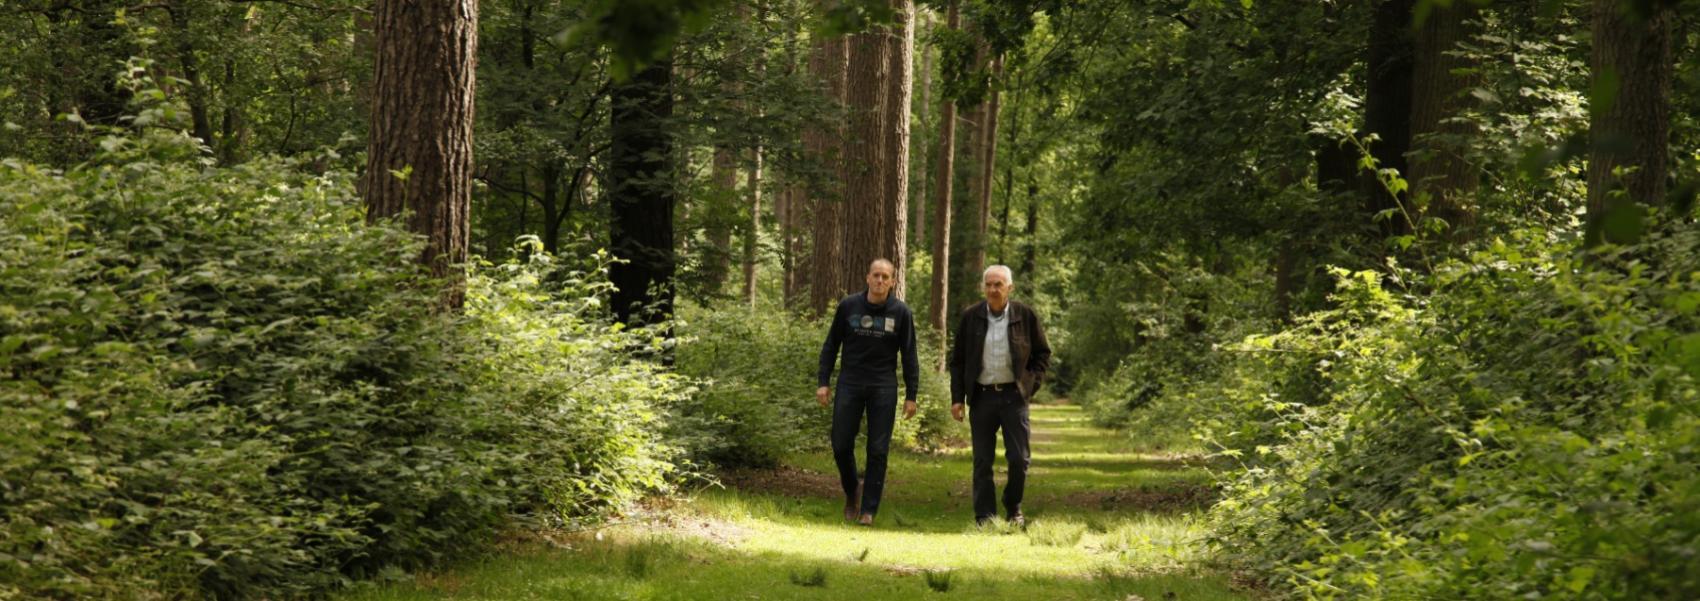 2 mannen aan het wandelen in een dreef van het bos